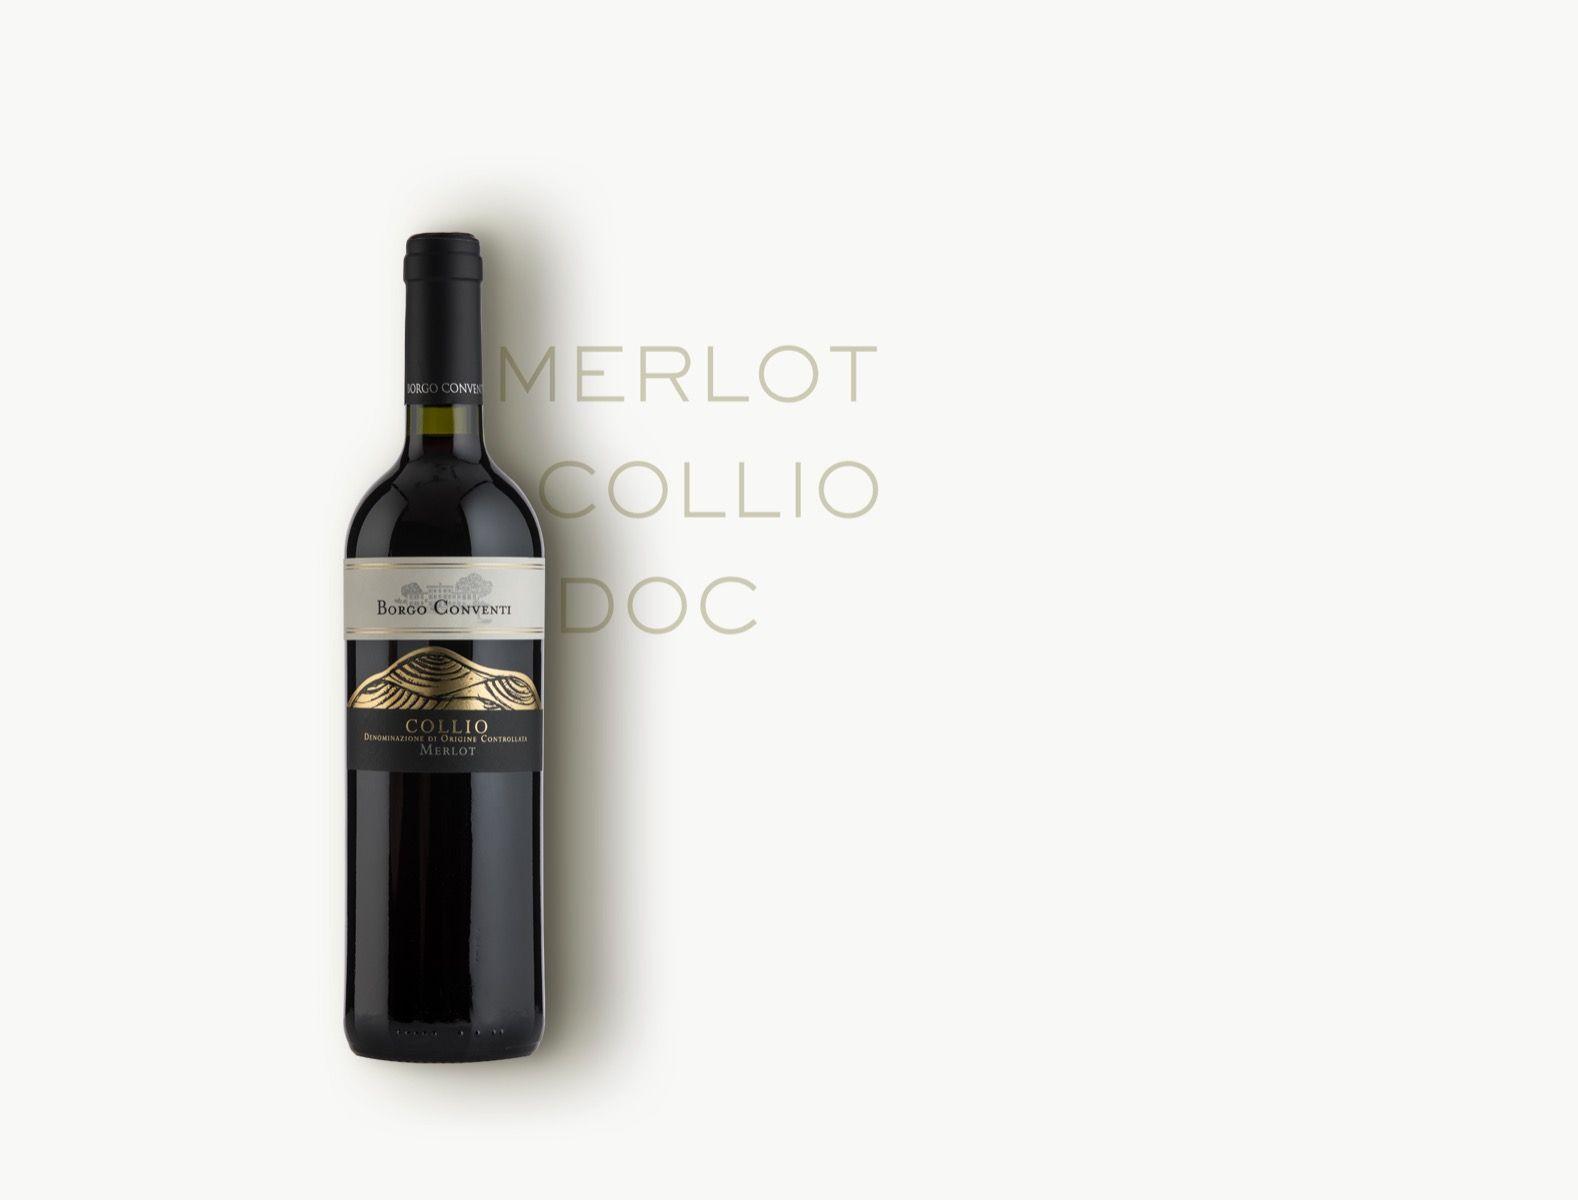 Merlot Collio DOC